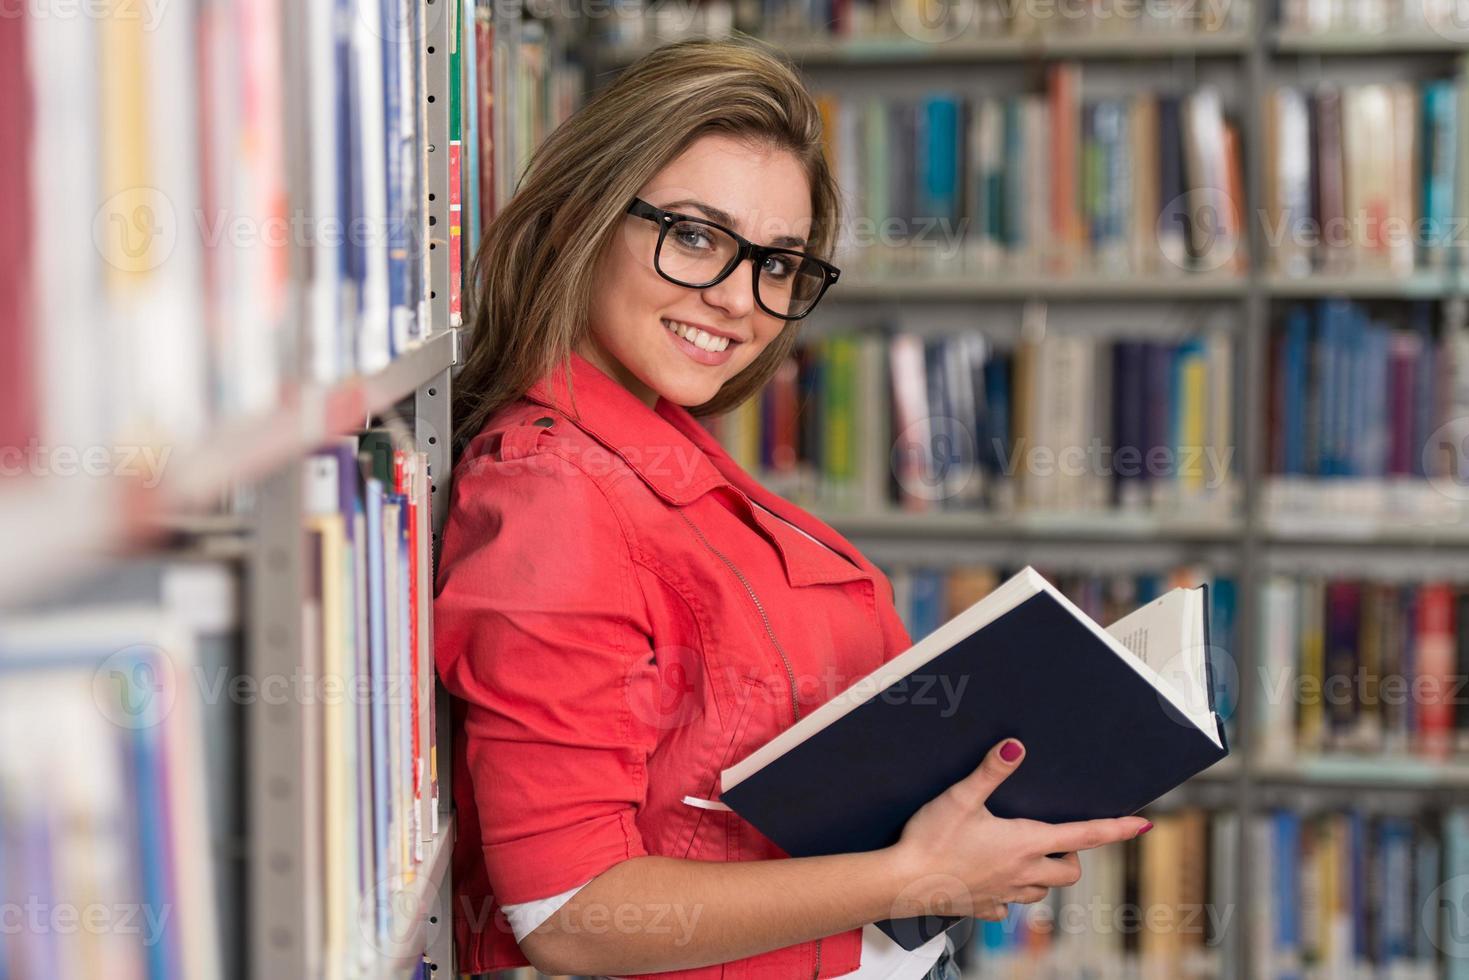 Ritratto di una ragazza studentessa che studia in biblioteca foto